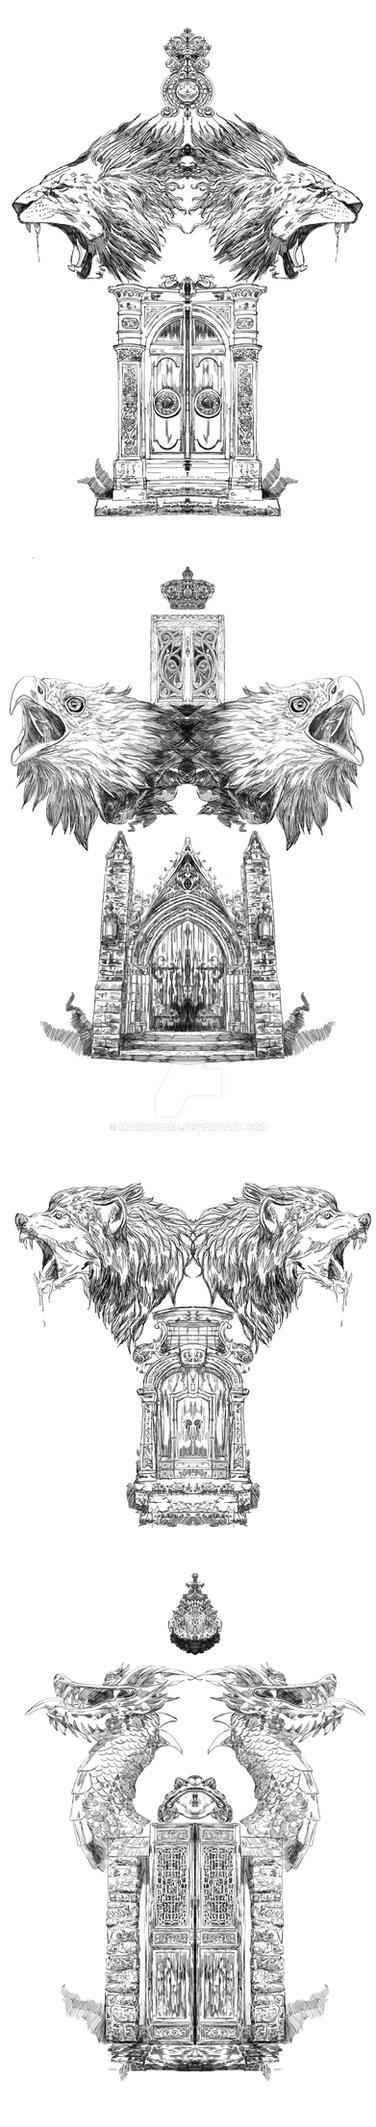 Gates by Marikobard